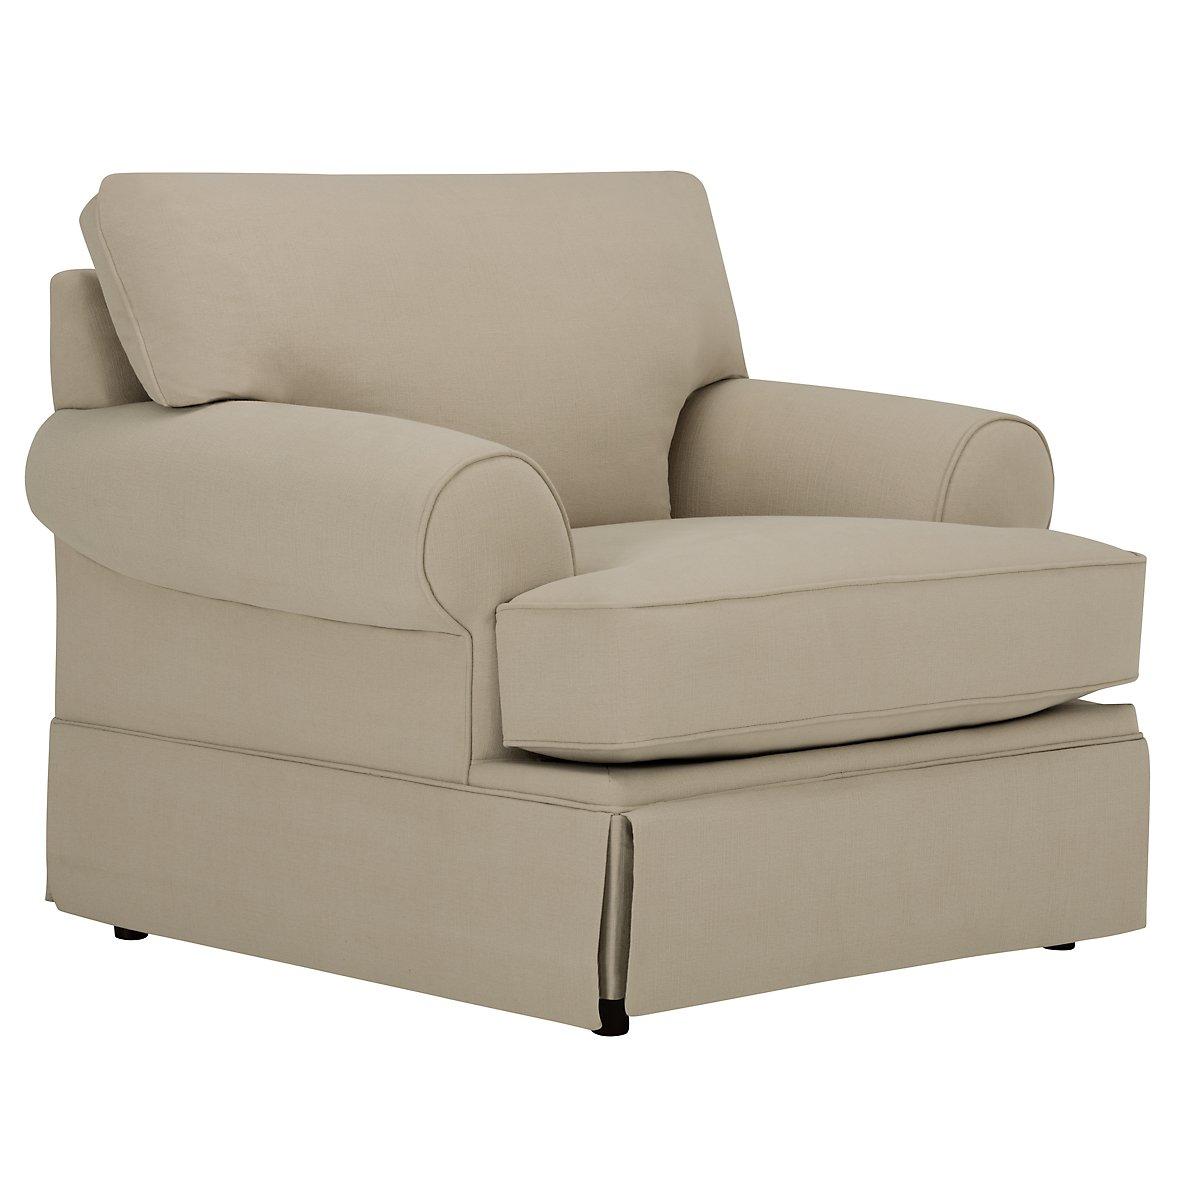 Kylie Dark Taupe Cotton Chair